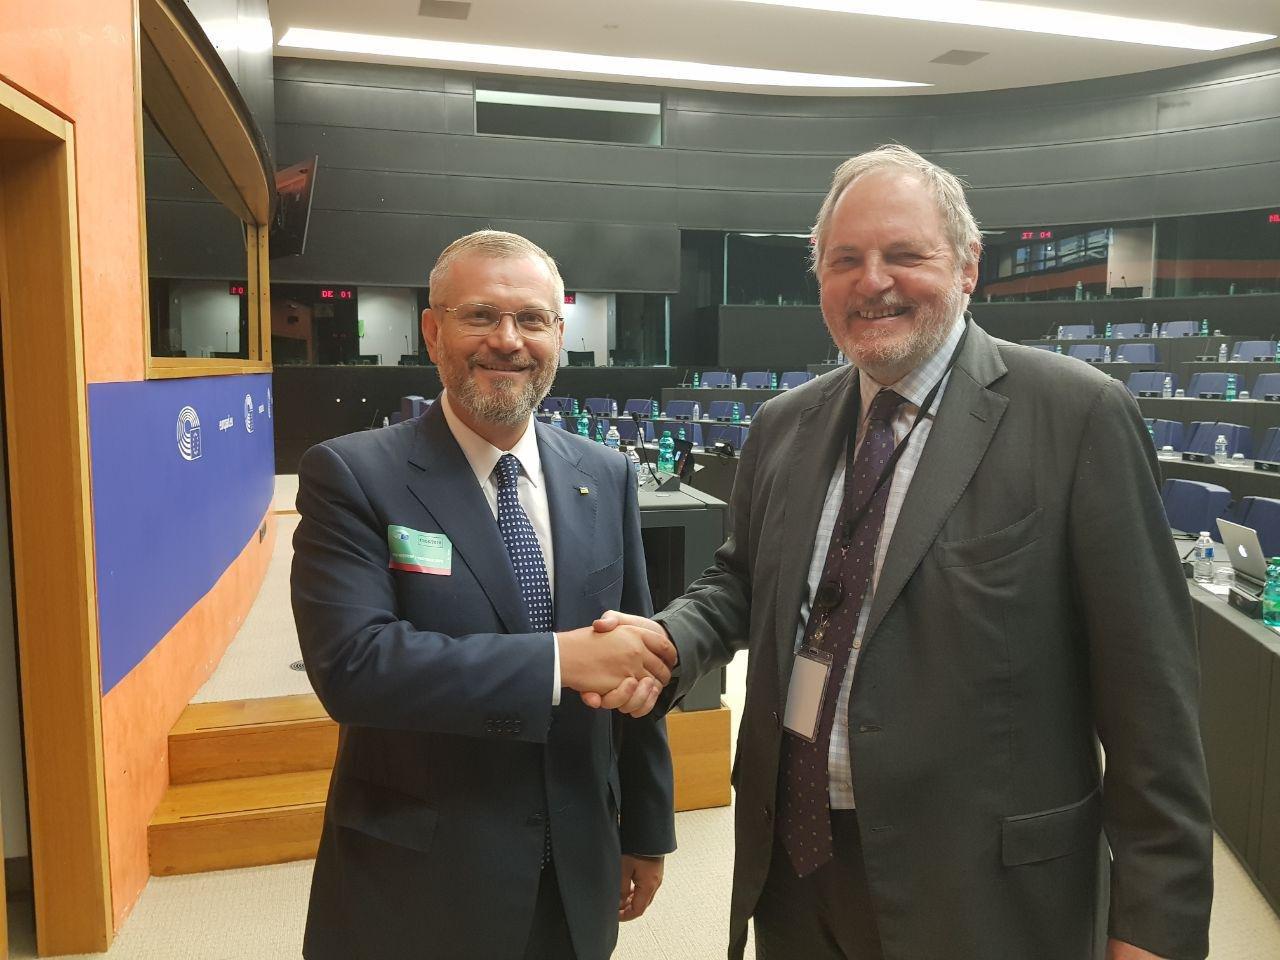 Вилкул: Европарламент реально контролирует ситуацию, связанную с давлением и уголовным преследованием оппозиции в Украине, фото-1